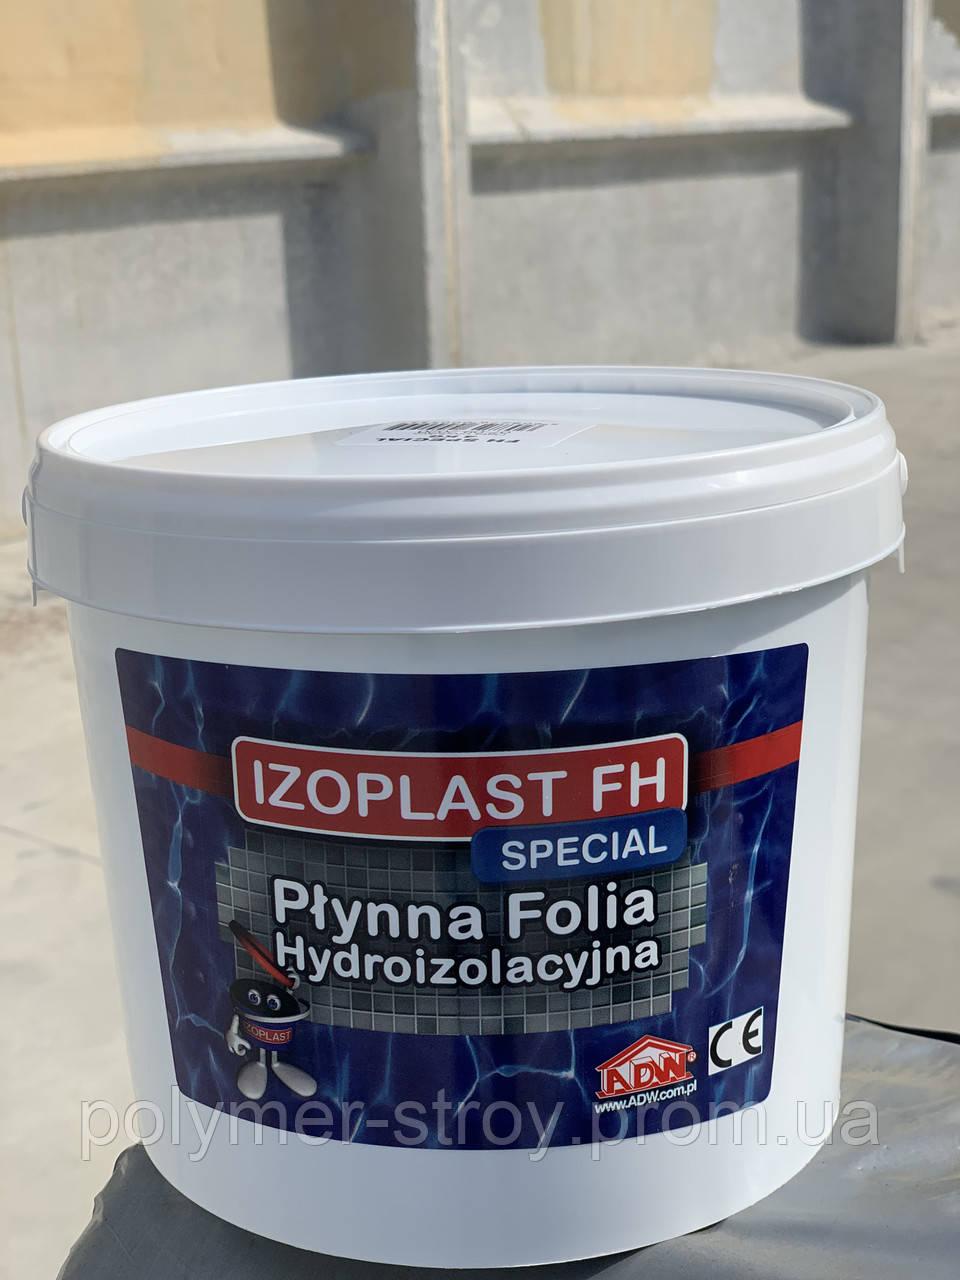 Izoplast FH Special – однокомпонентная акриловая гидроизоляционная мембрана